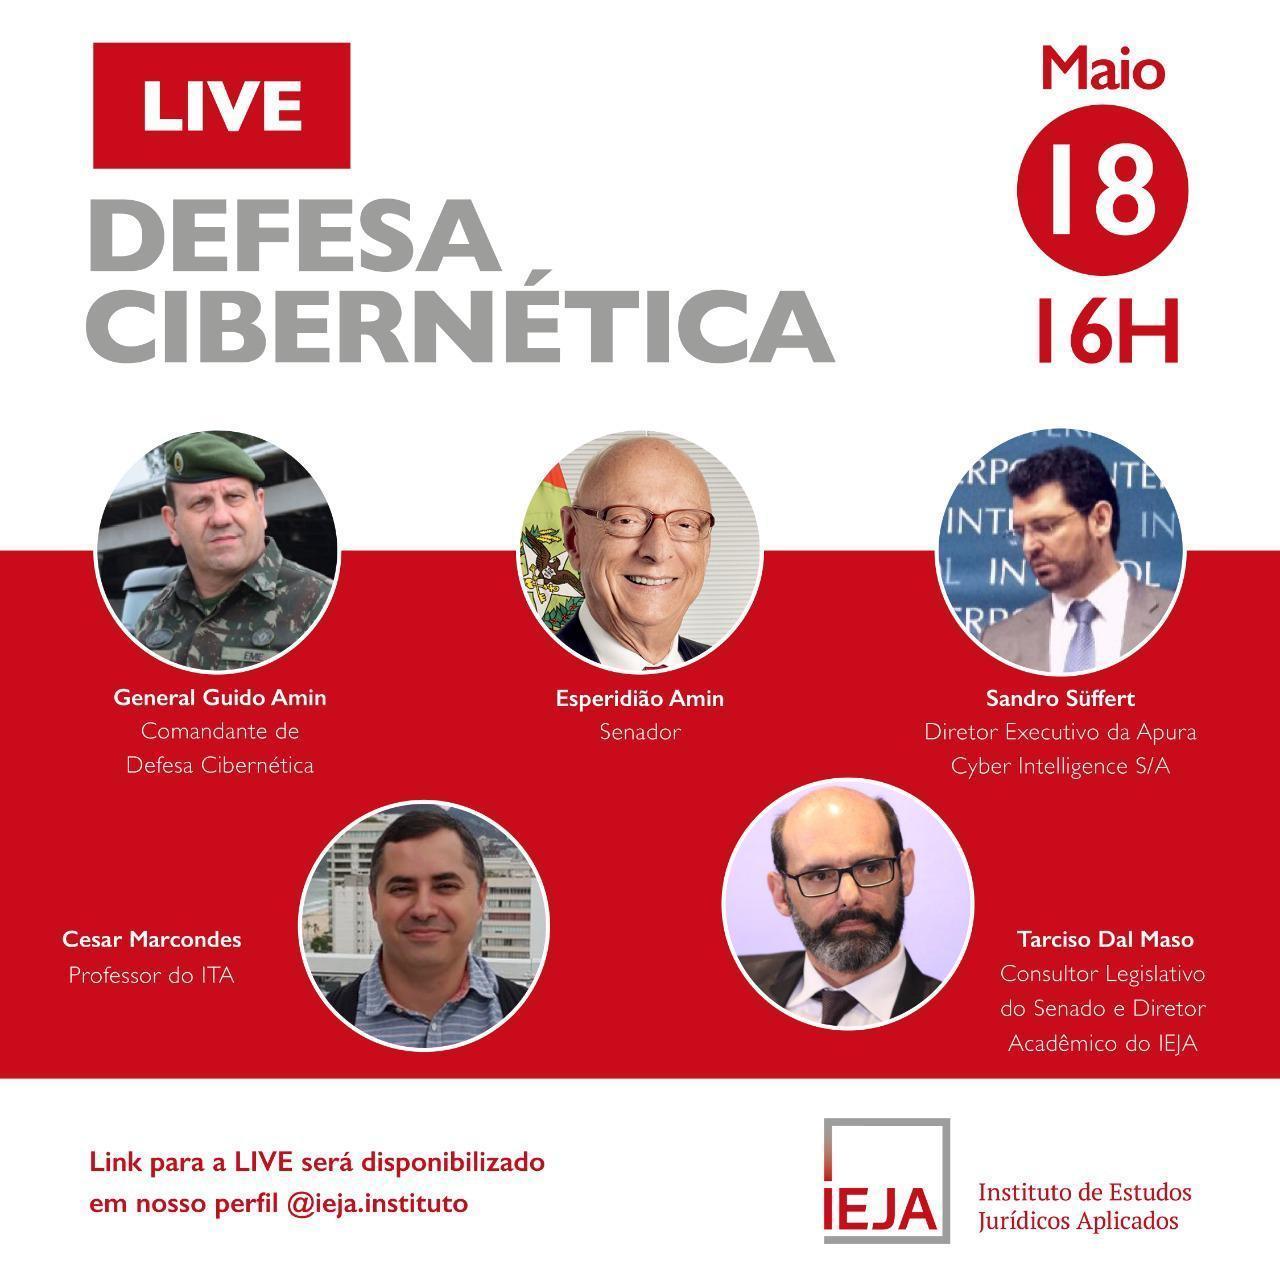 Ieja faz live nesta segunda-feira para discutir as ameaças no ambiente digital